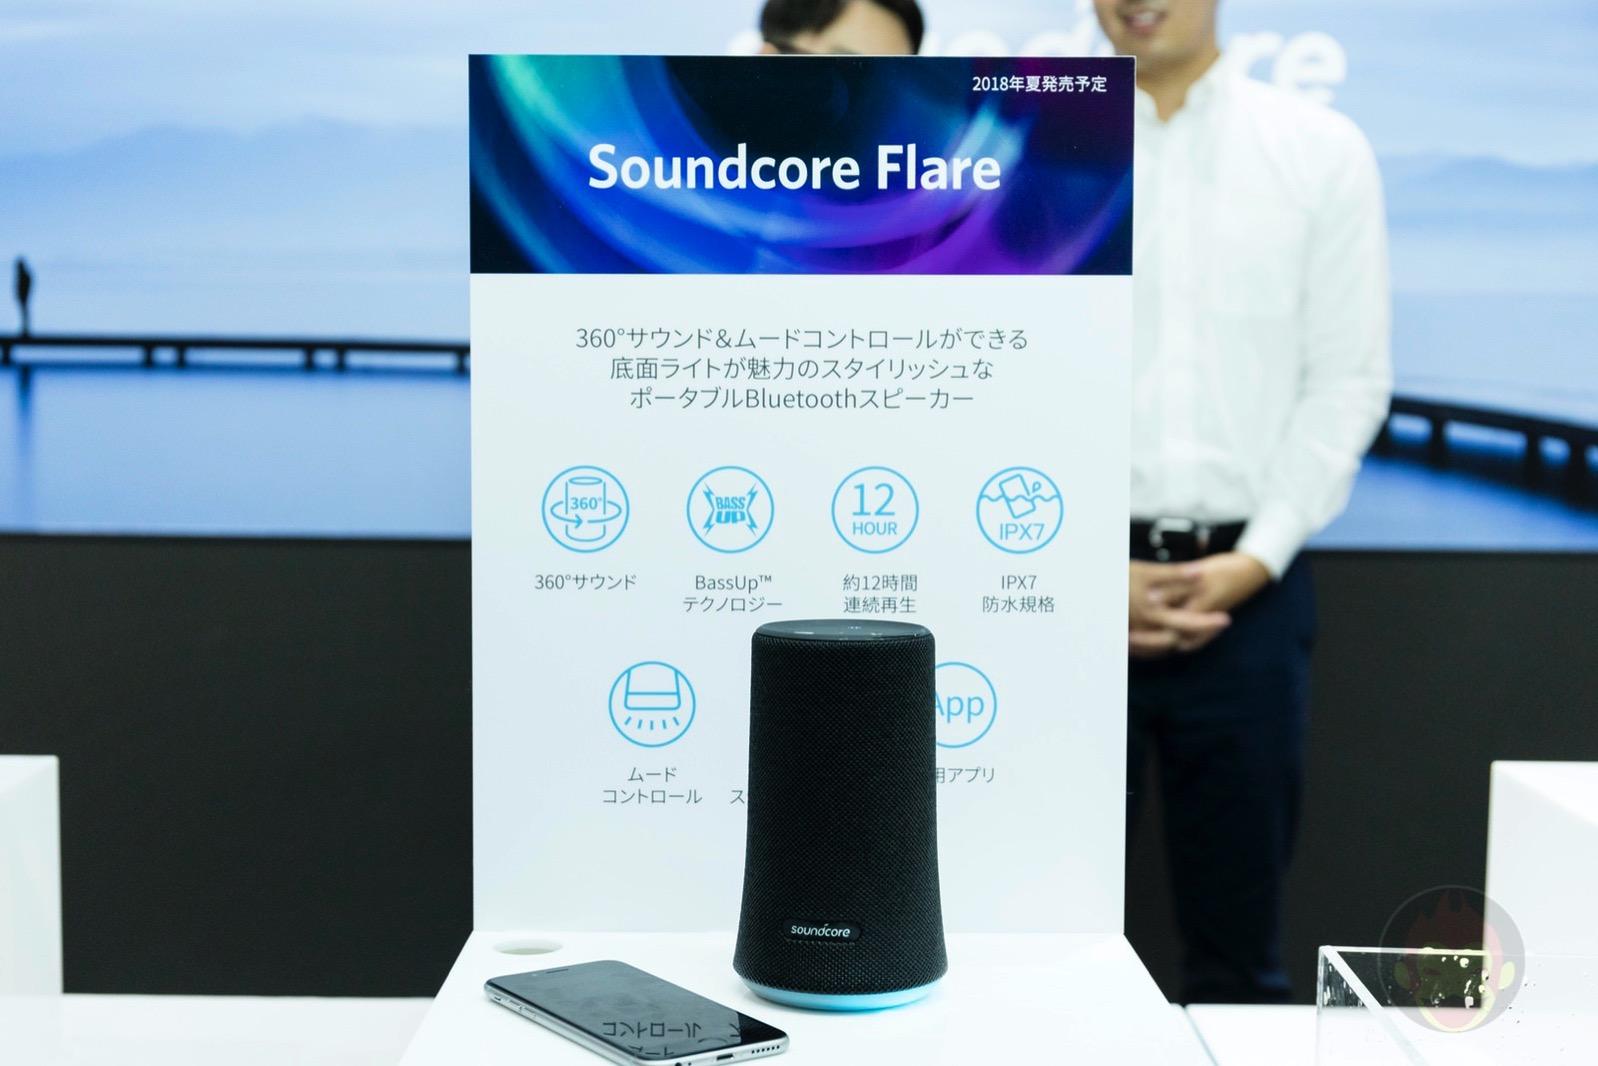 Anker-SoundCore-Flare-01.jpg